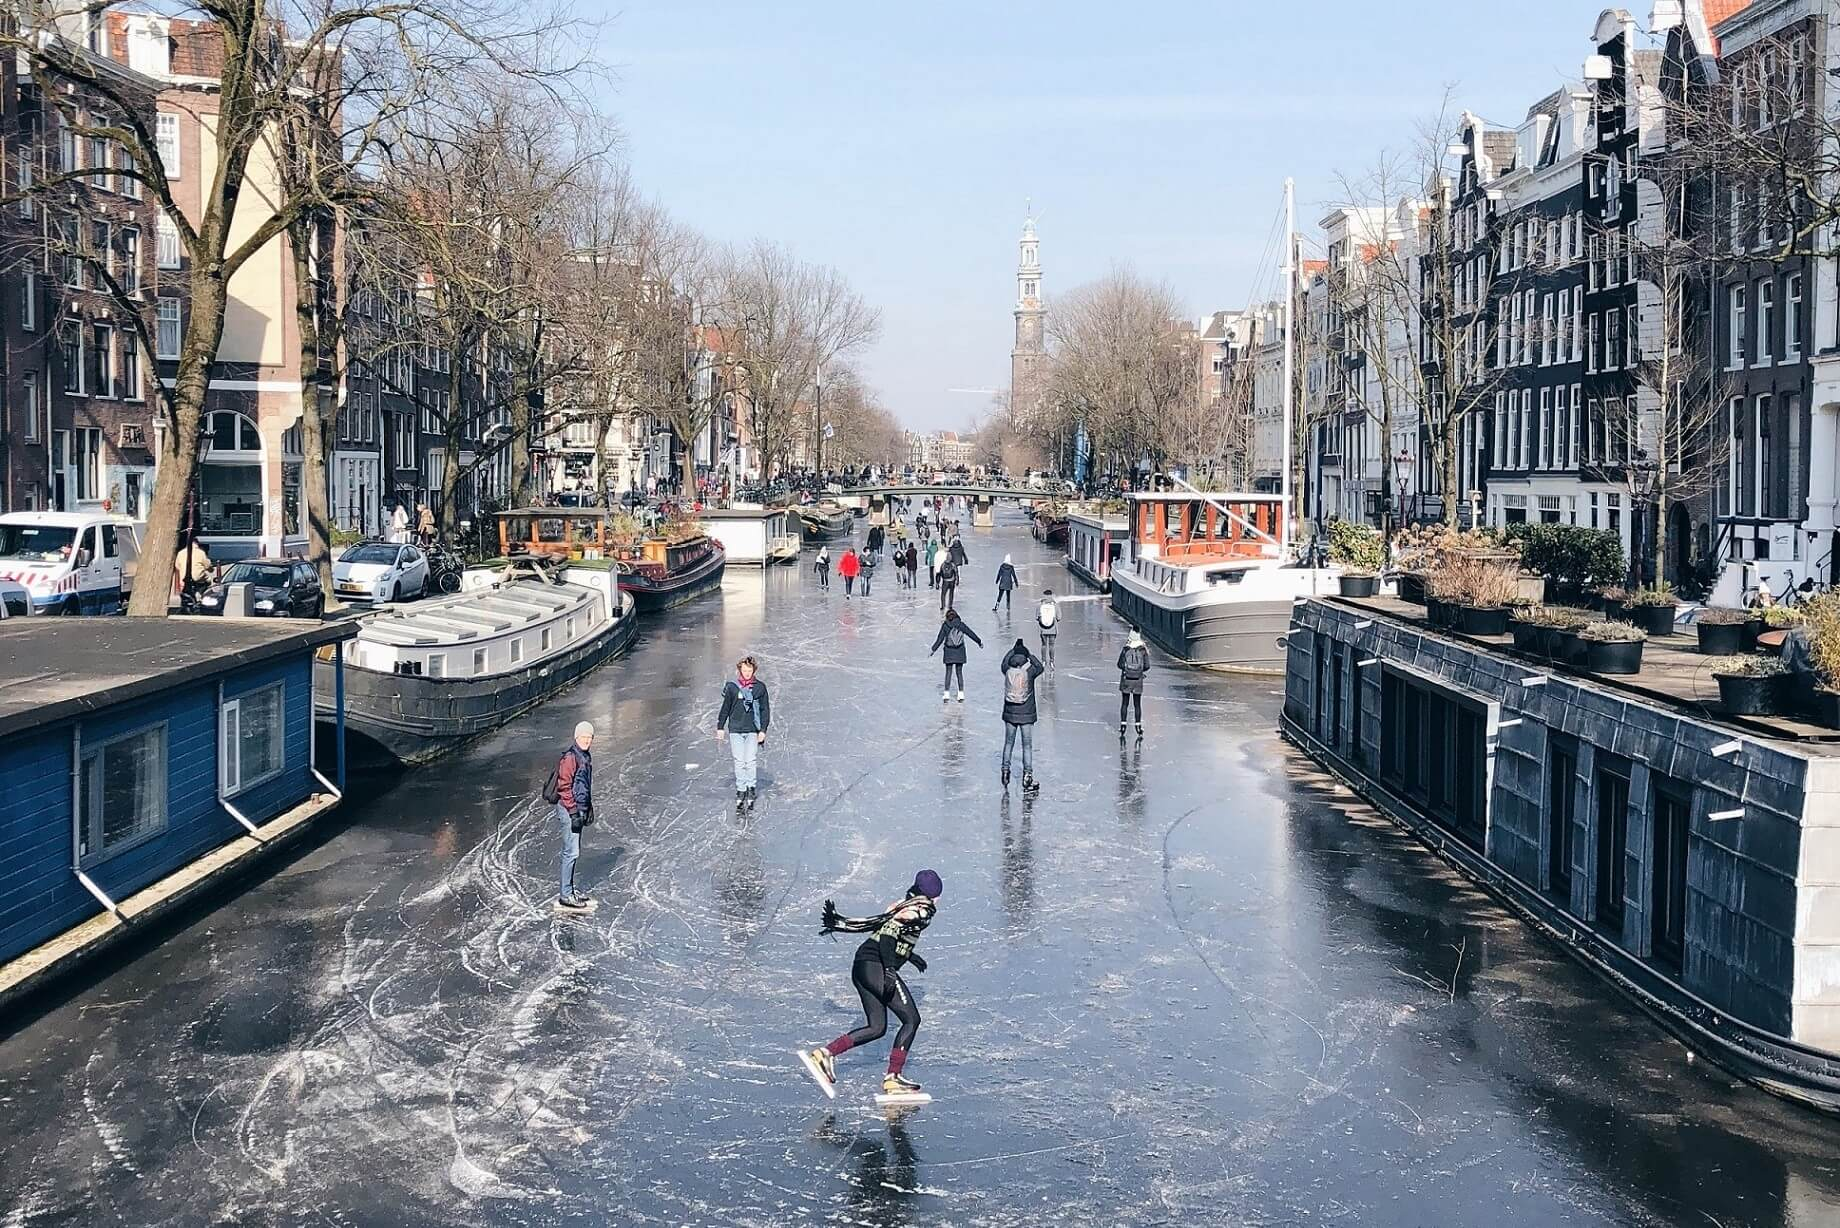 Patinaje sobre hielo en los canales de Ámsterdam - Excursión Ámsterdam desde Bruselas